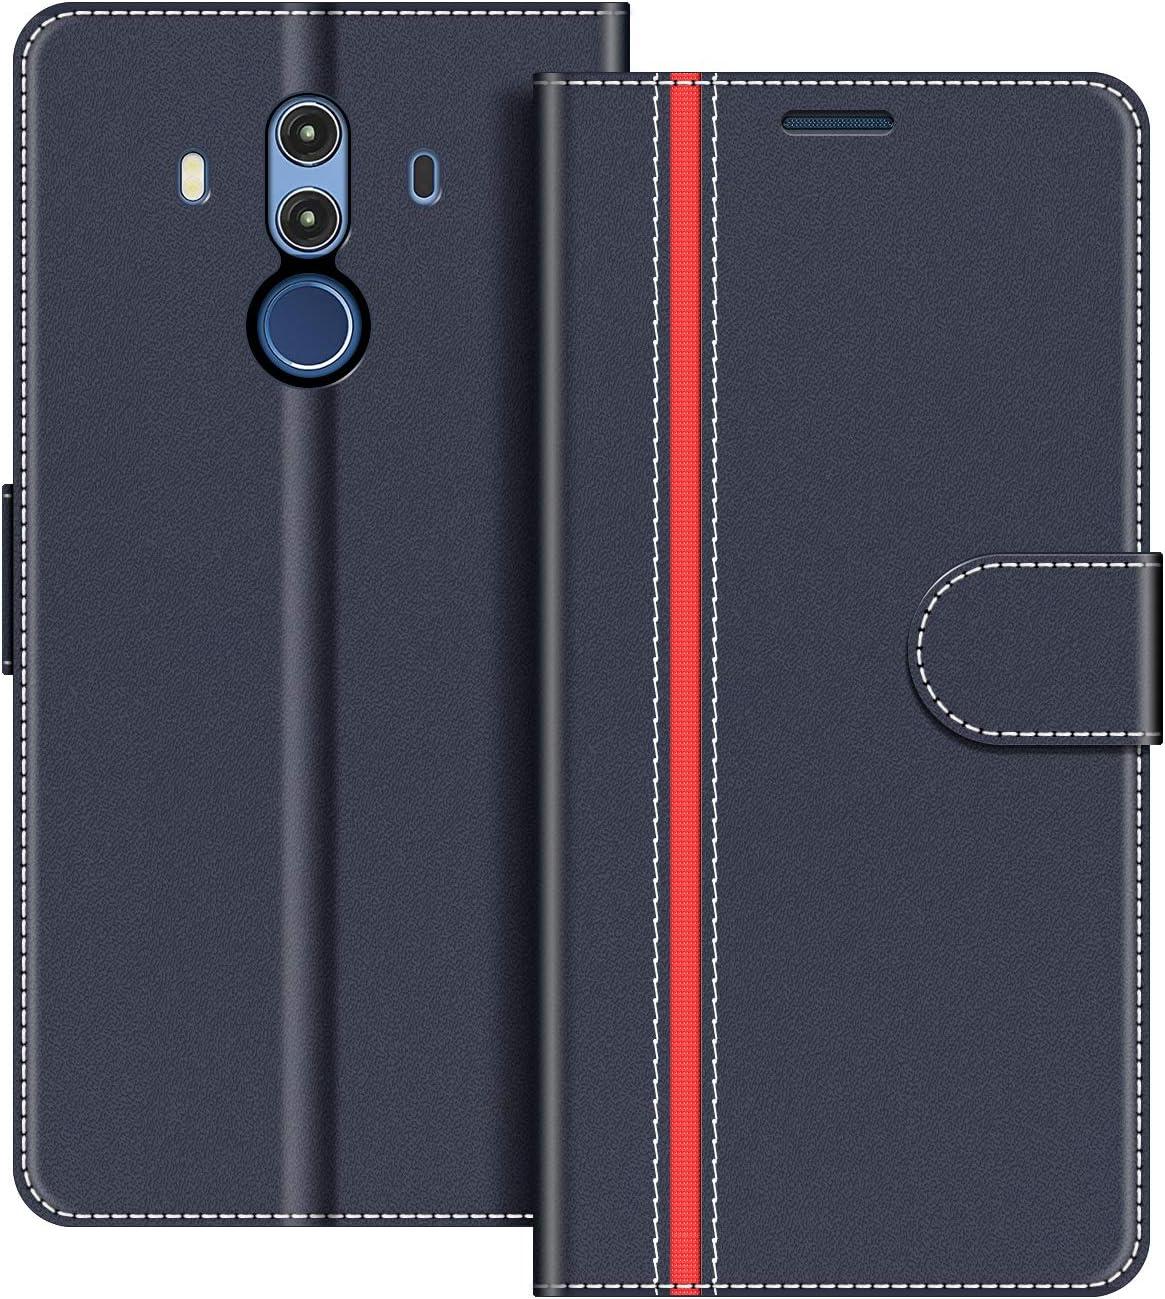 COODIO Funda Huawei Mate 10 Pro con Tapa, Funda Movil Huawei Mate ...